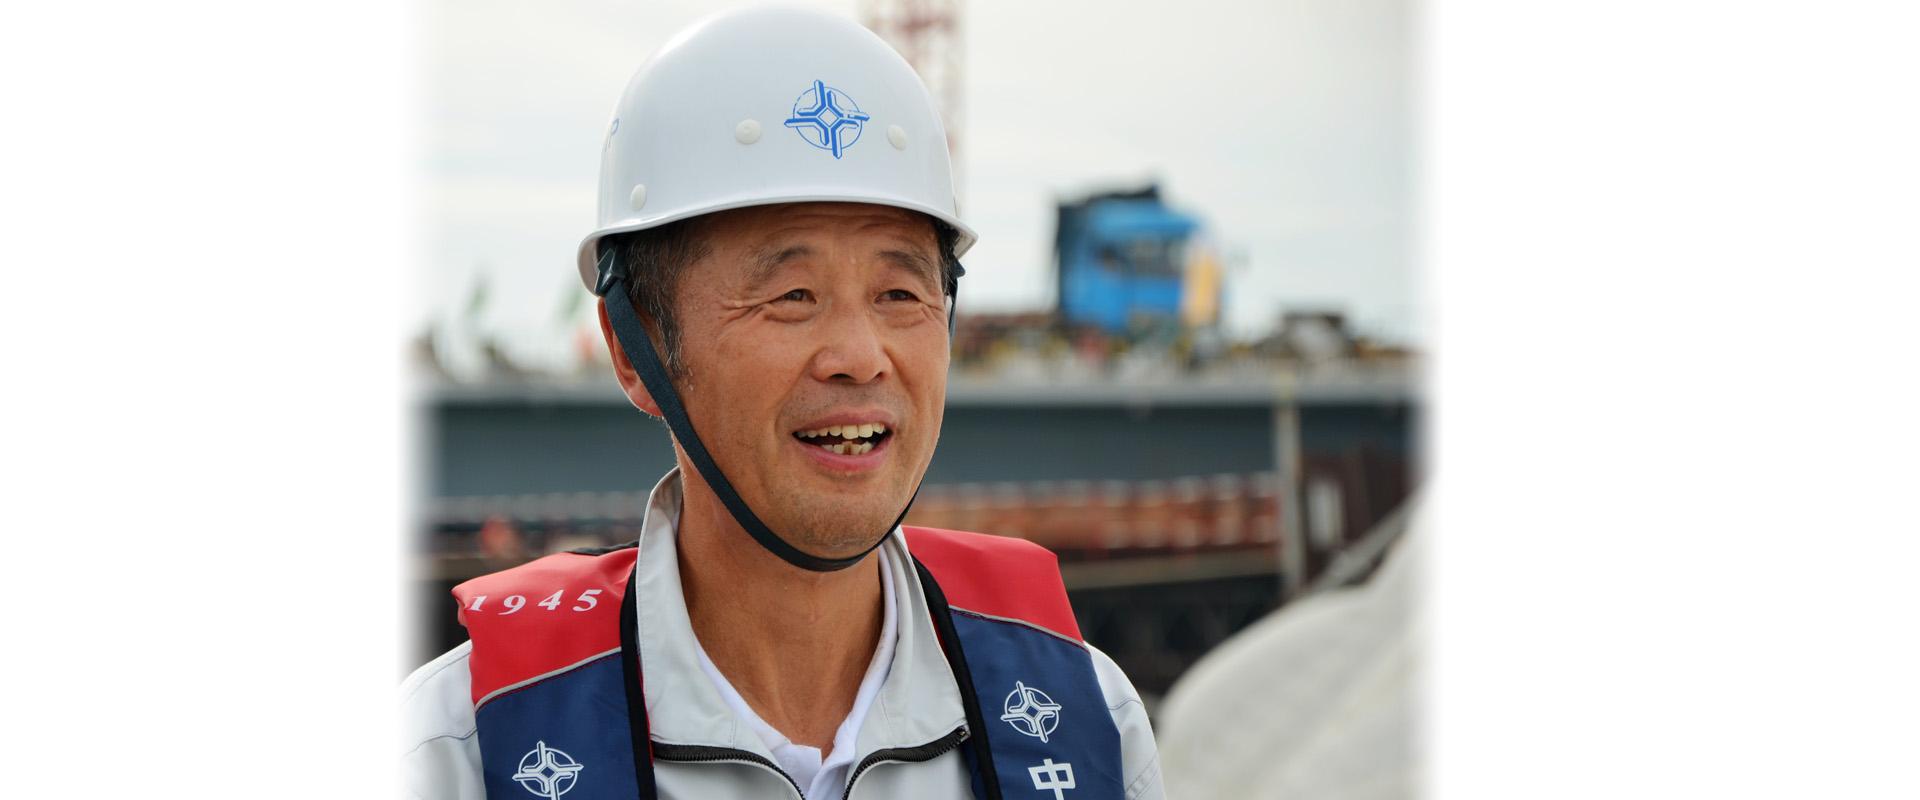 2010年12月底,担任港珠澳大桥岛隧工程项目总经理.图片